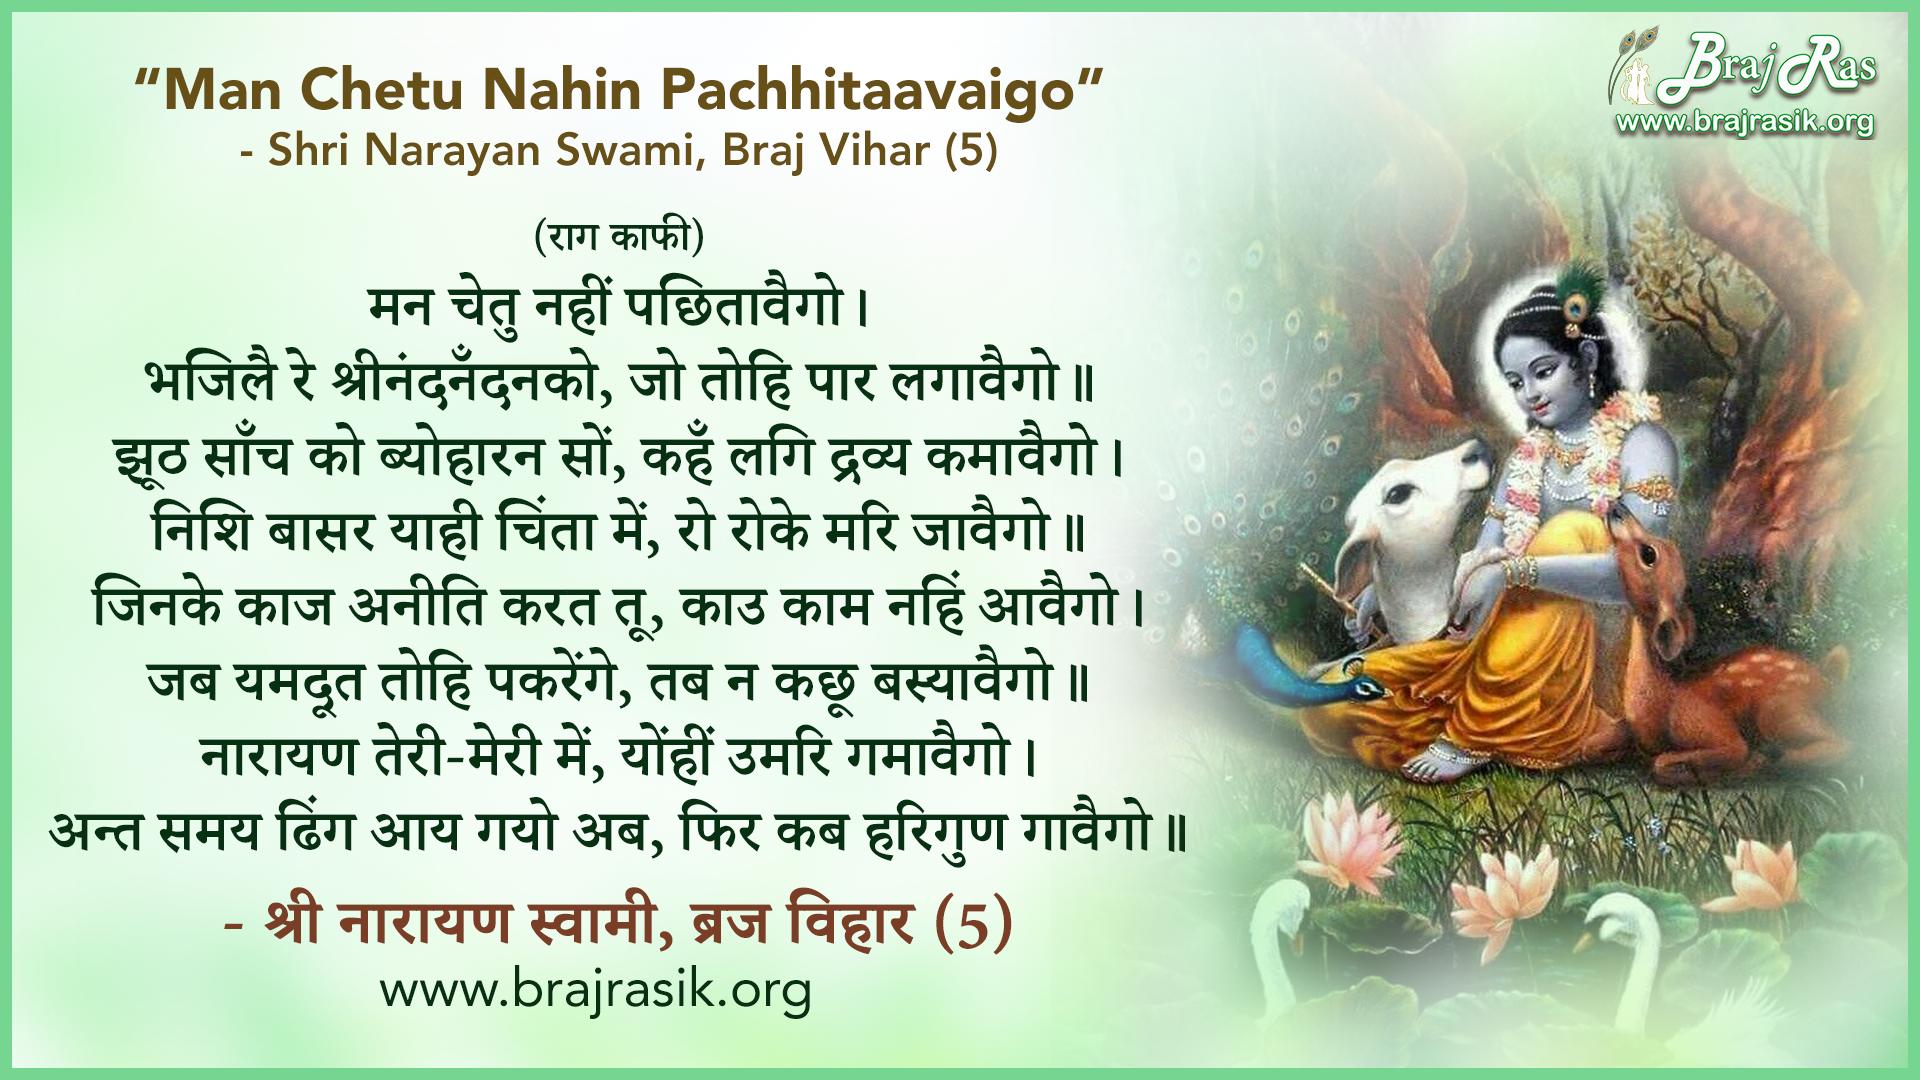 Man Chetu Nahin Pachtave Go - Shri Narayan Swami, Braj Vihar (5)